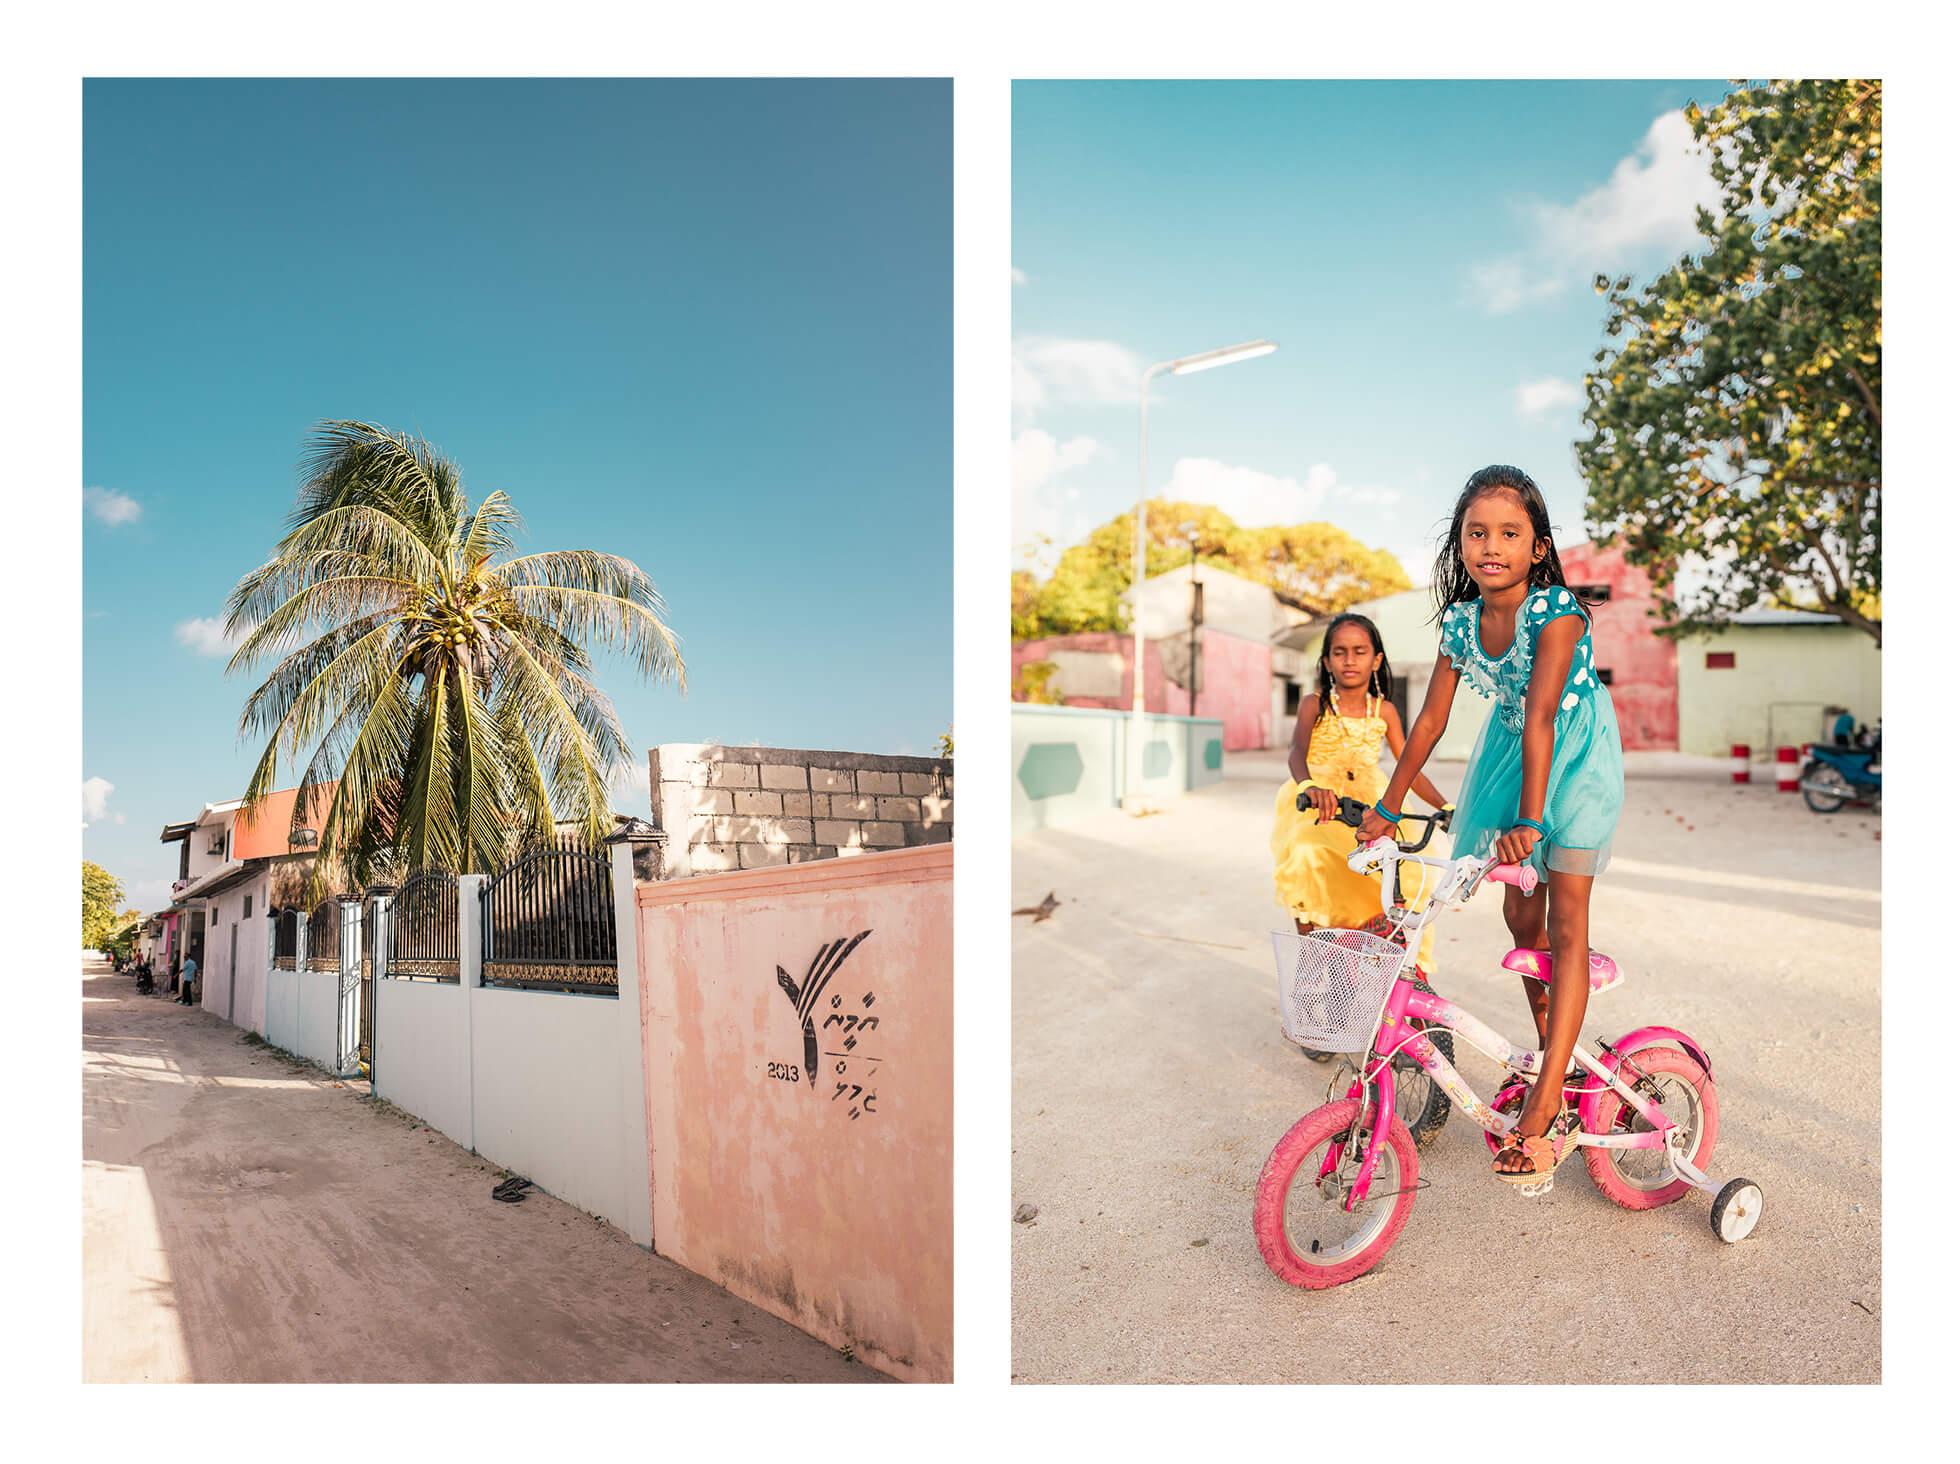 janni-deler-exploring-maldivesl1130841-copy